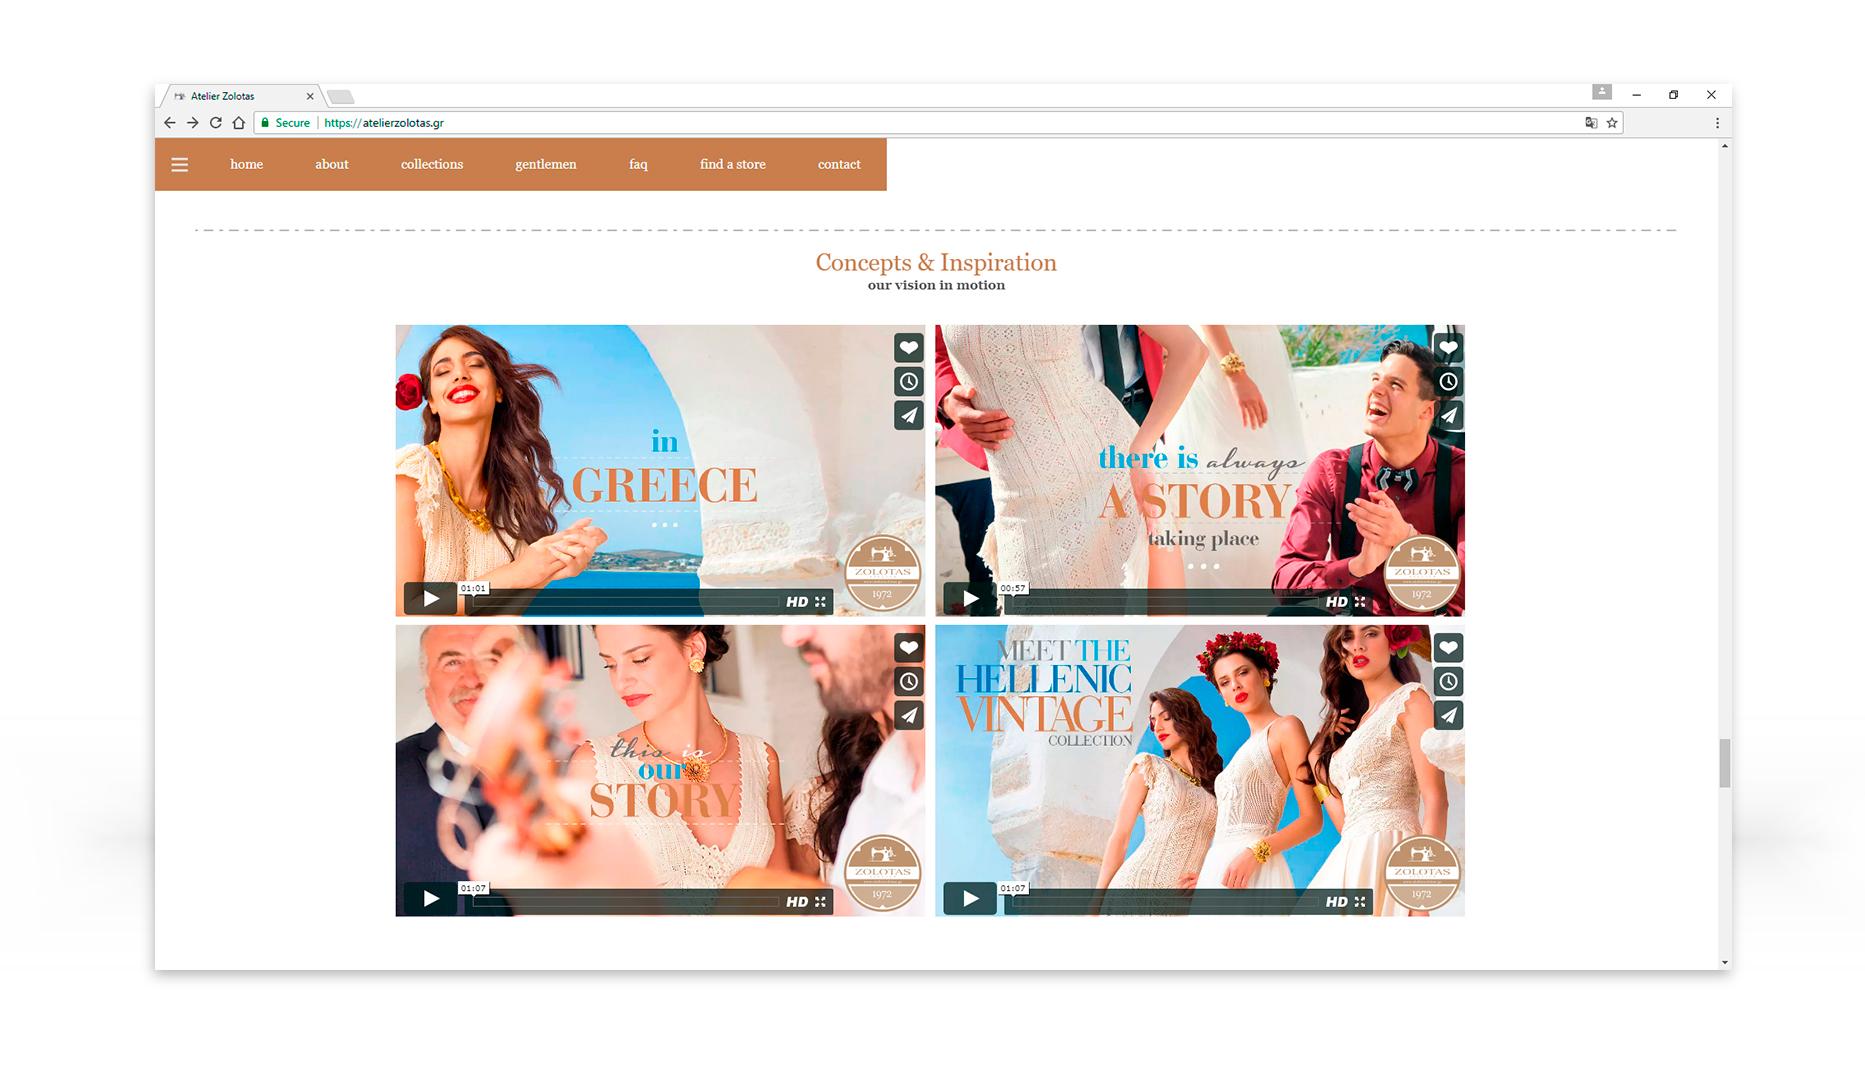 Σχεδιασμός & ανάπτυξη ιστοσελίδας atelier Zolotas • adeadpixel